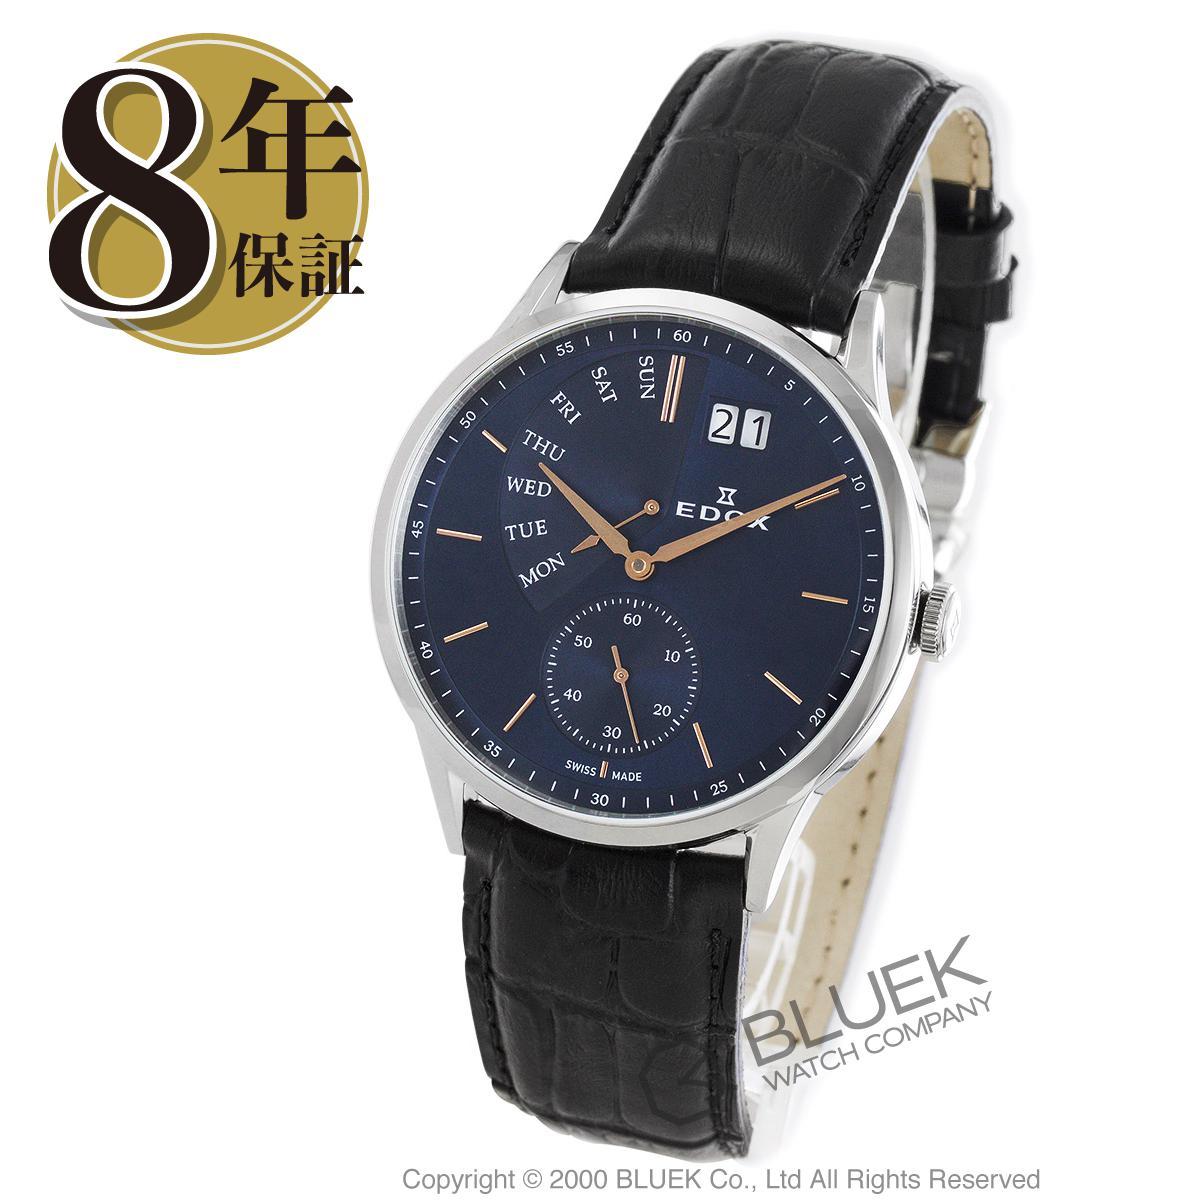 【最大3万円割引クーポン 11/01~】エドックス レ・ボベール レトログラード 腕時計 メンズ EDOX 34500-3-BUIR_8